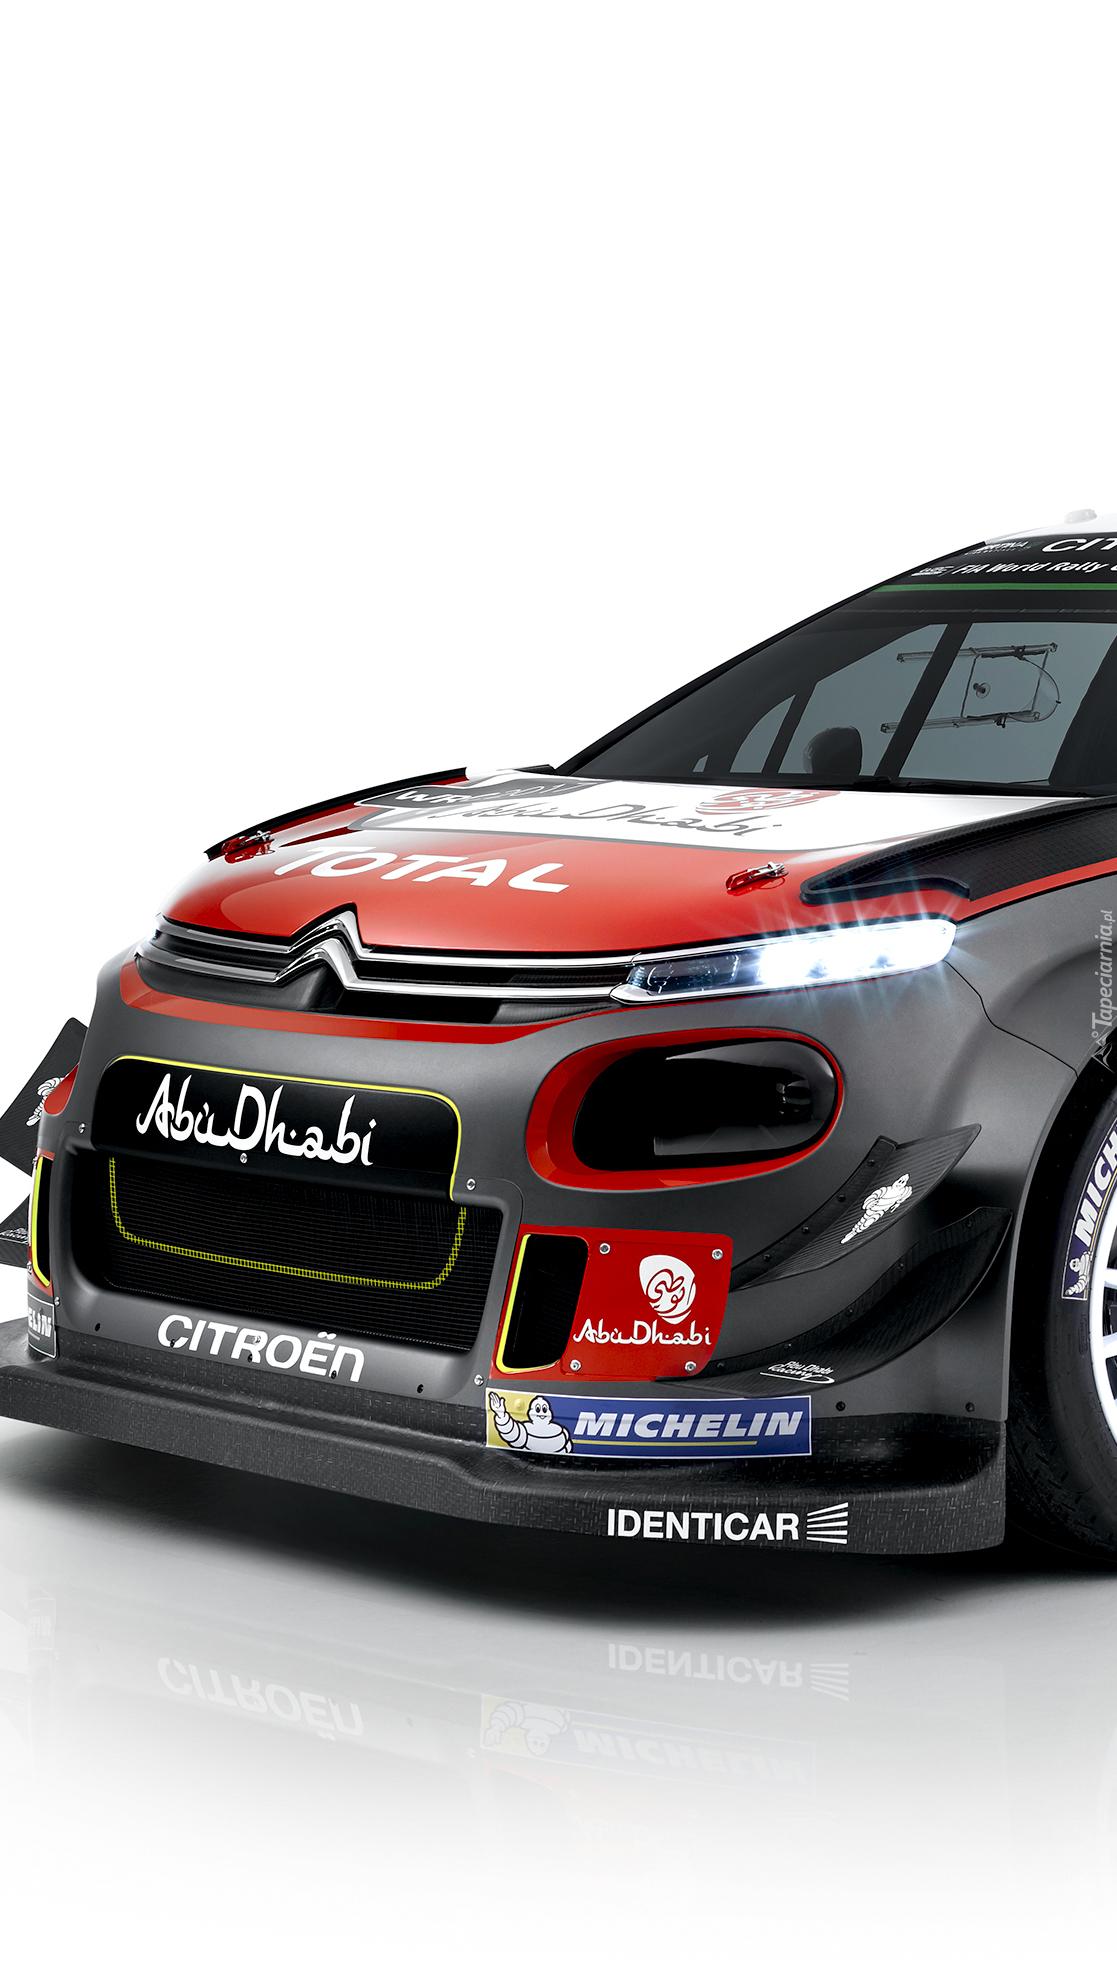 Rajdowy Citroën C3 WRC rocznik 2017